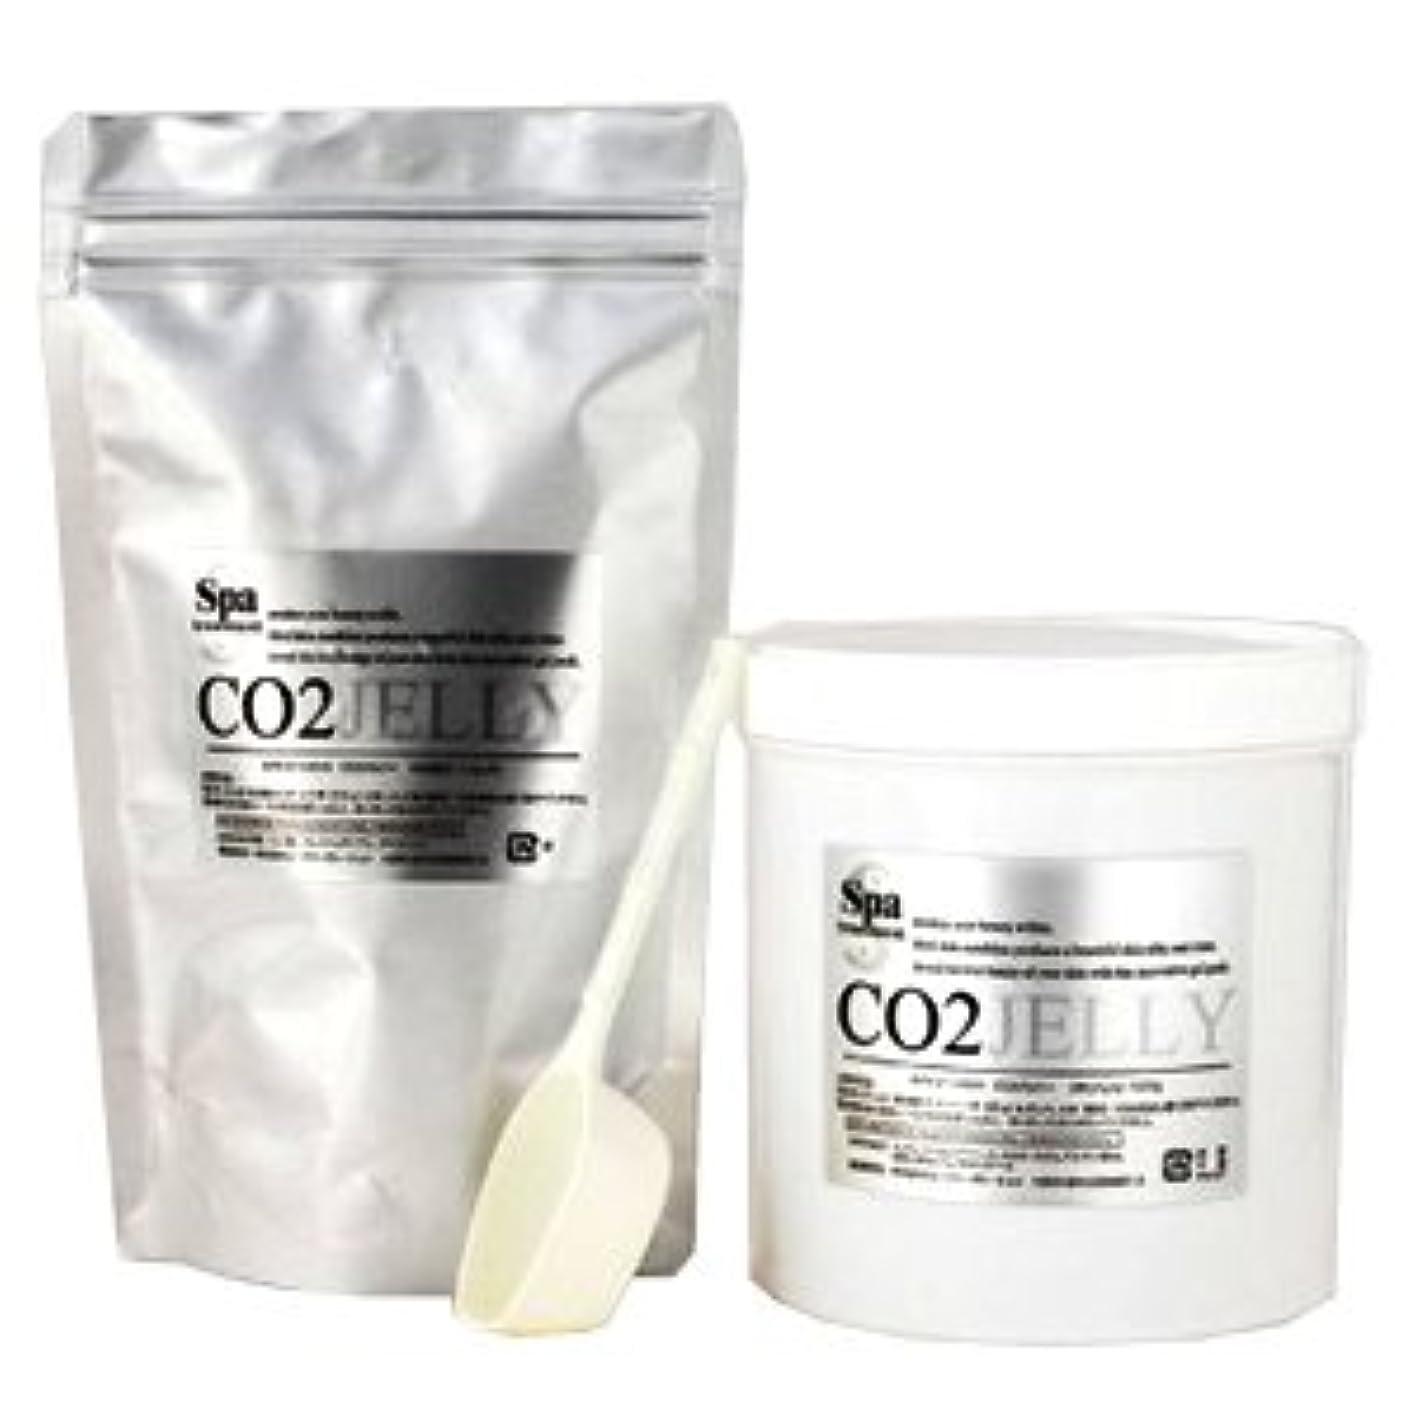 増強する幼児切り刻むスパトリートメント CO2ジェリーN 40回分 業務用 炭酸パック